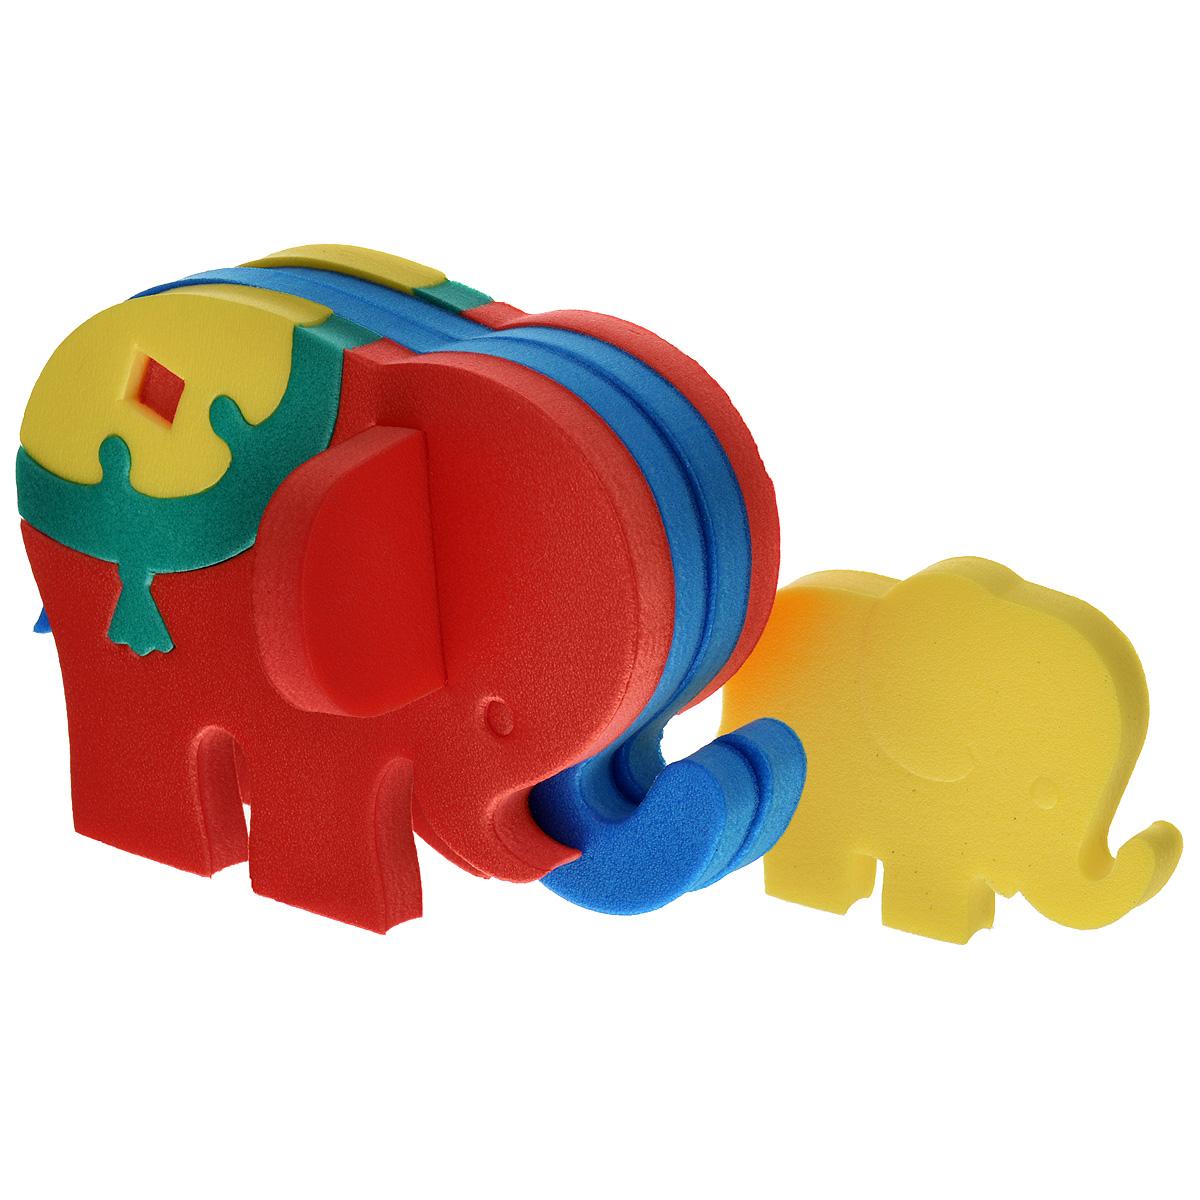 Флексика Мягкий конструктор Слоник45364Мозаики и конструкторы настолько универсальны и практичны, что с ними можно играть практически везде. Для производства игрушек используется современный, легкий, эластичный, прочный материал, который обеспечивает большую долговечность игрушек, и главное –является абсолютно безопасным для детей. К тому же, благодаря особой структуре материала и свойству прилипать к мокрой поверхности, мягкие конструкторы и мозаики являются идеальной игрушкой для ванны. Способствует развитию у ребенка мелкой моторики, образного и логического мышления, наблюдательности. Производственная фирма `Тедико` зарекомендовала себя на рынке отечественных товаров как производитель высококачественных конструкторов и мозаик серии `Флексика`. Богатый ассортимент включает в себя игрушки для малышей и детей старшего возраста.